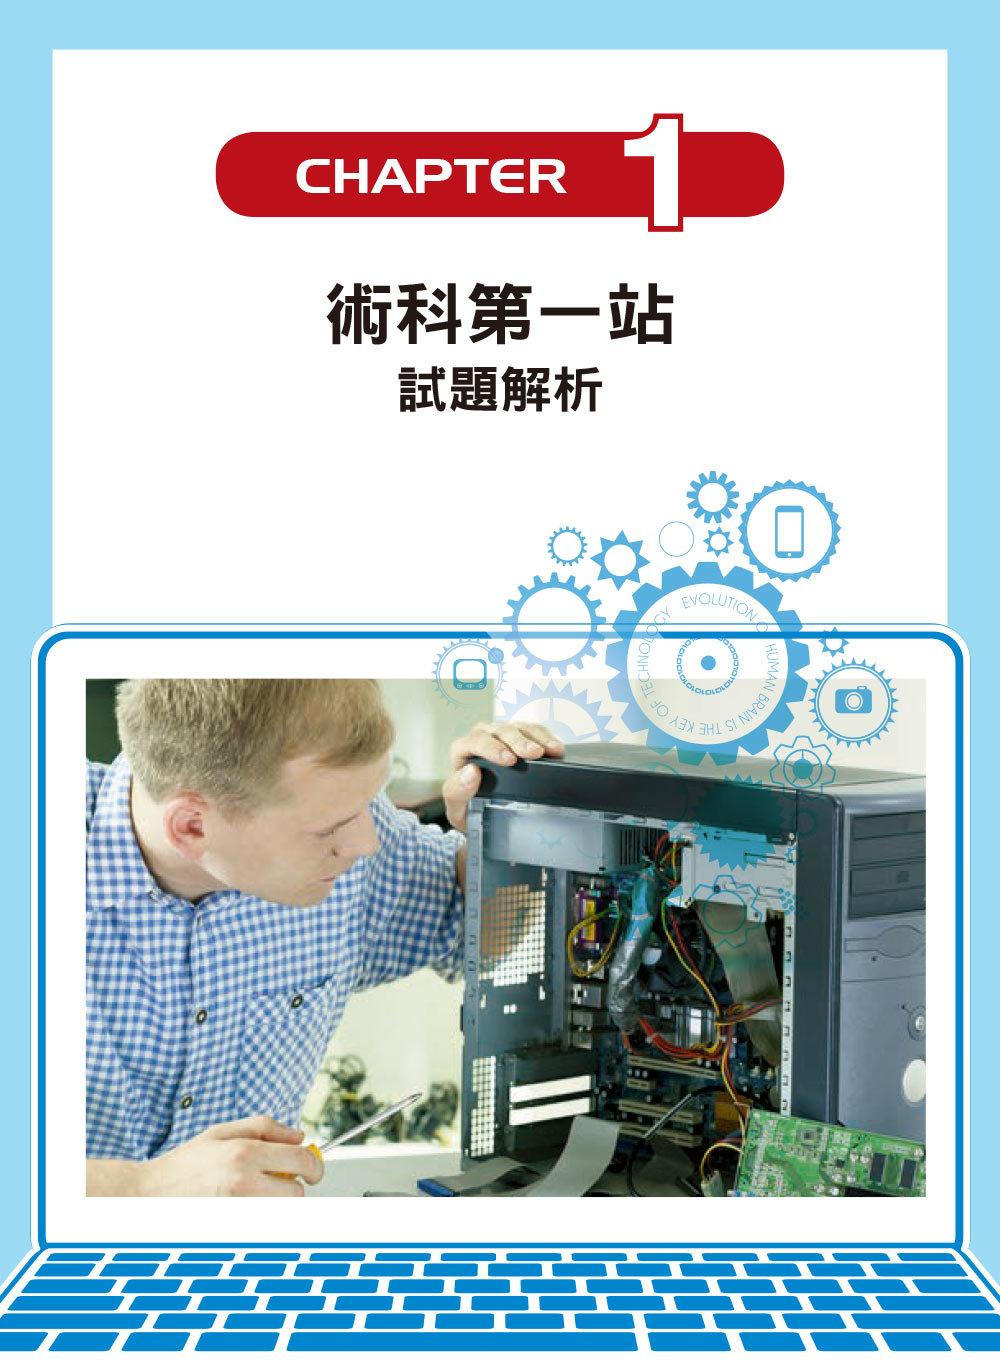 電腦硬體裝修丙級檢定學術科解題教本|110年啟用試題|Windows 10 + Fedora Core 20 + CentOS-preview-3